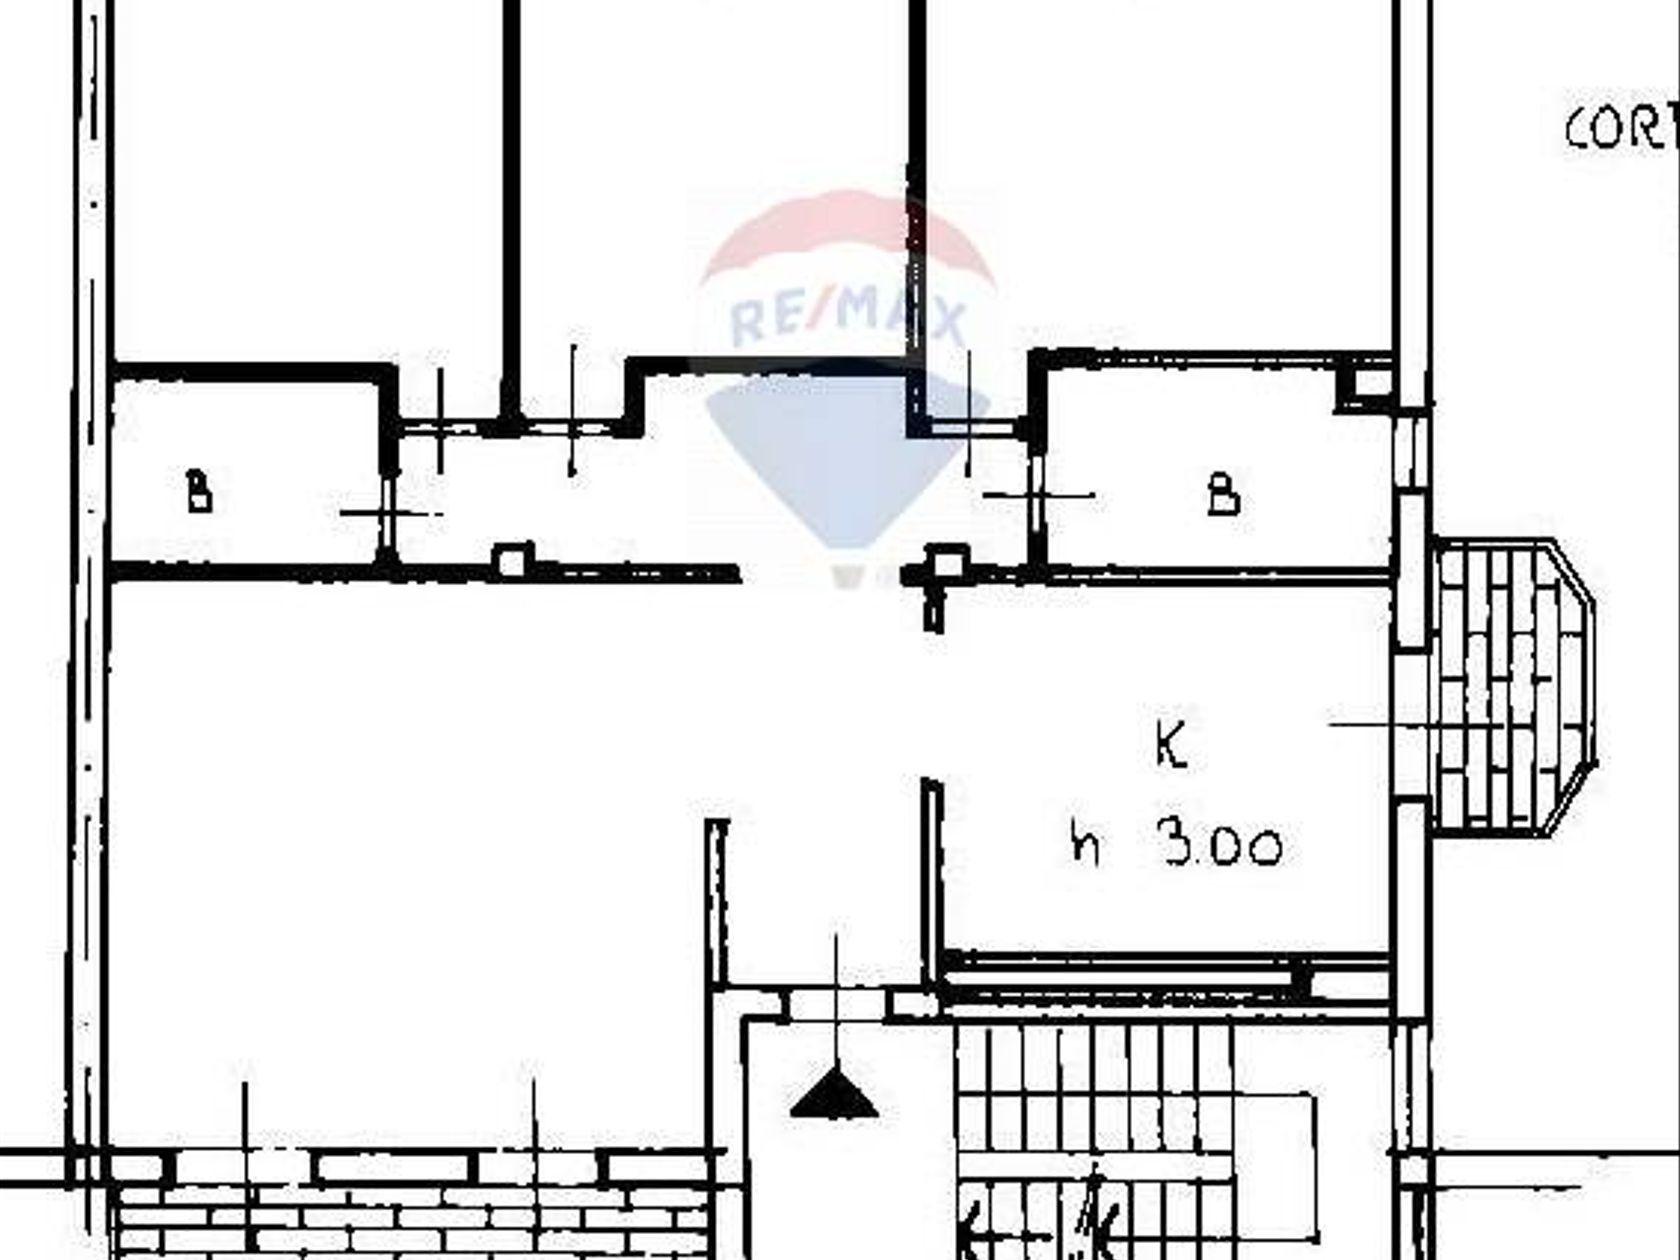 Appartamento Parabiago, MI Vendita - Planimetria 1